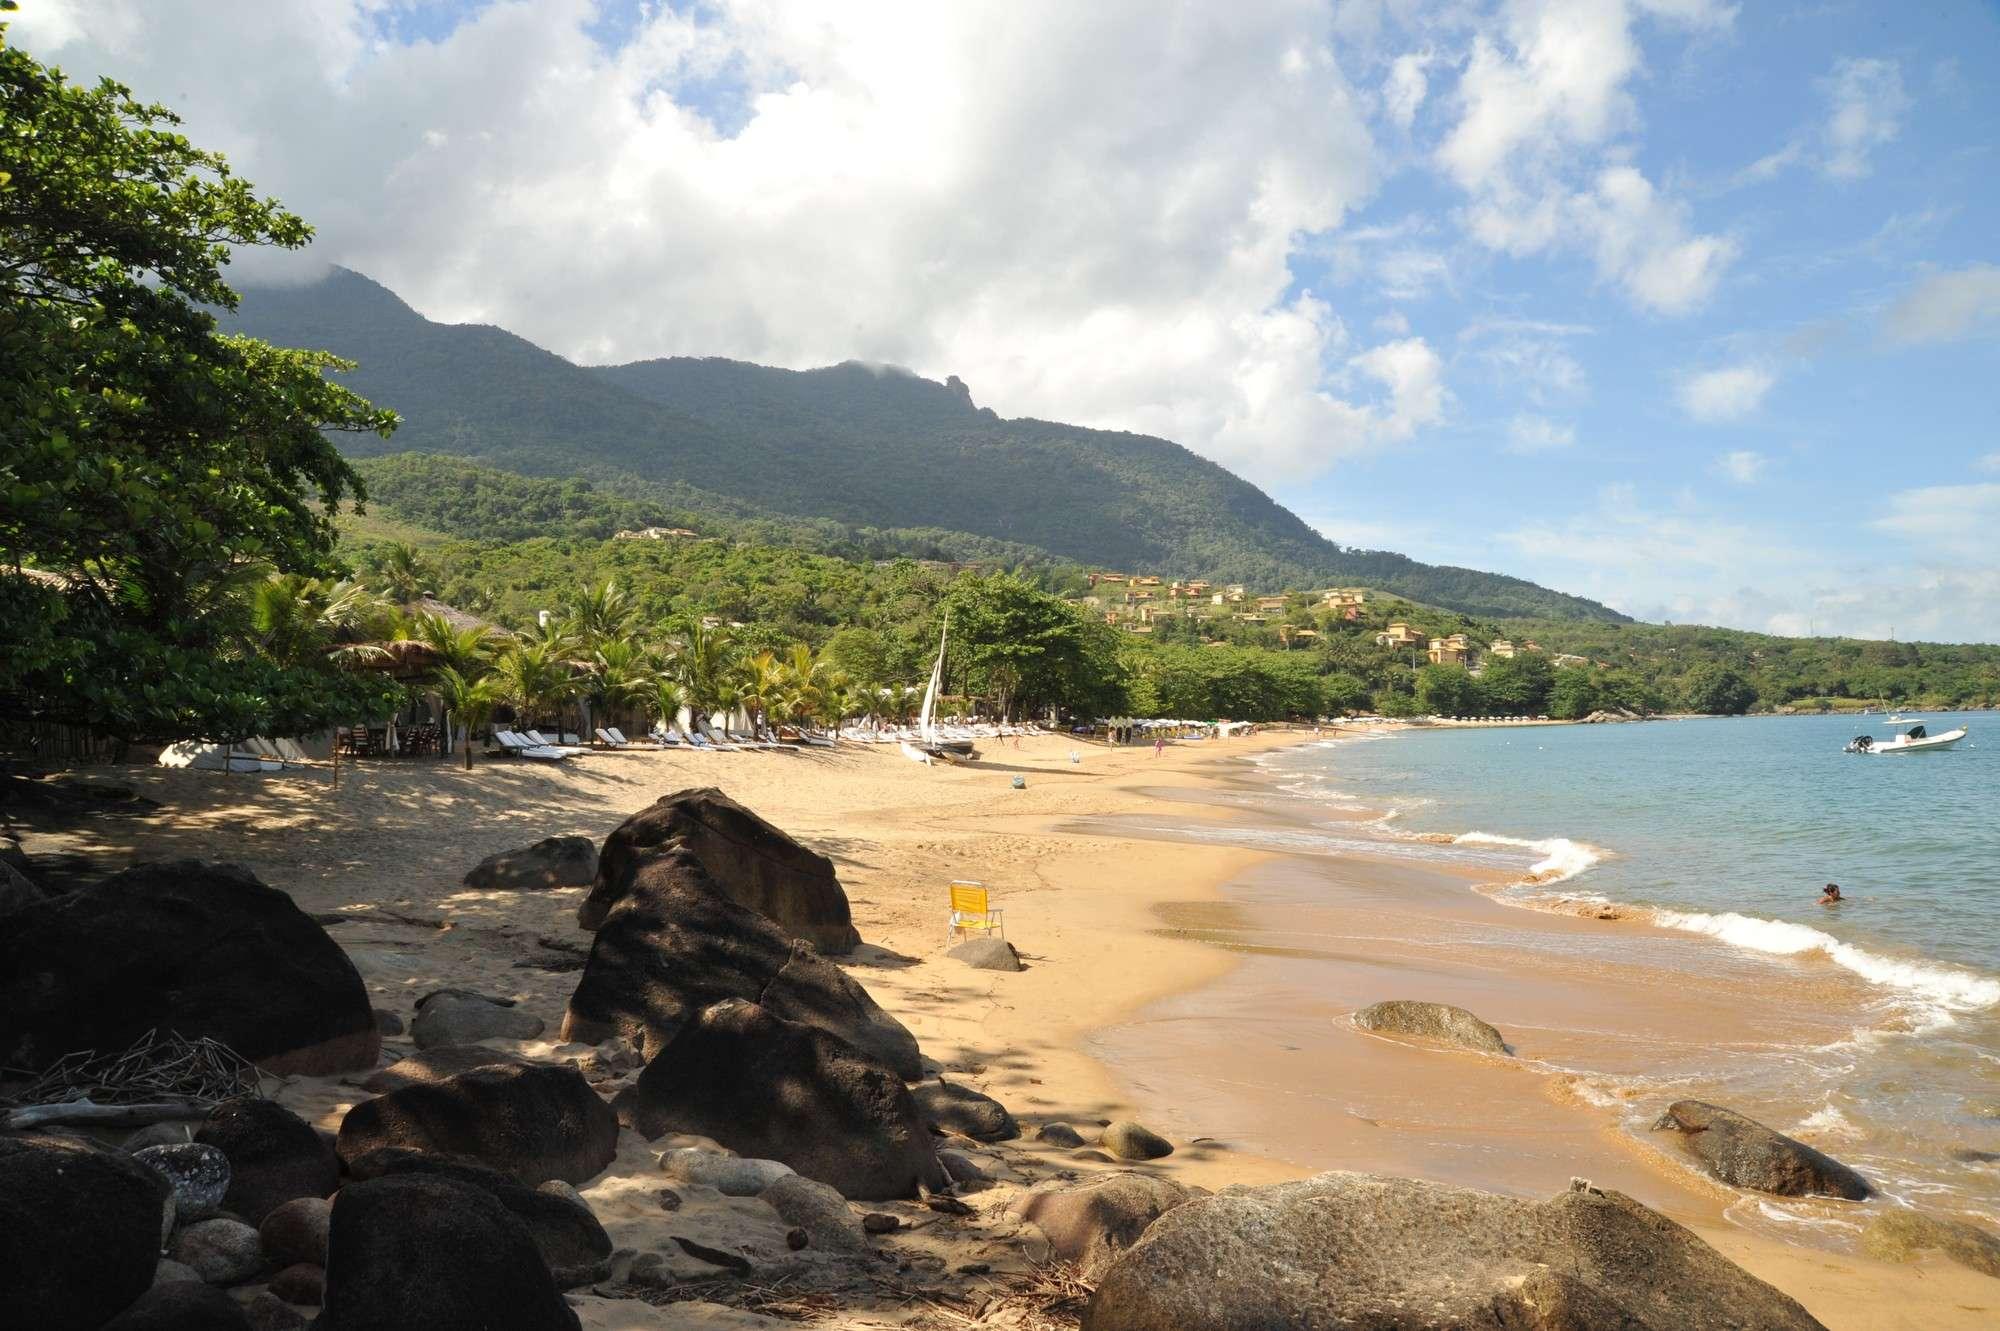 Ilhabela é um dos principais destinos de cruzeiros em São Paulo, com belas praias e Mata Atlântica preservada Foto: Ronald Kraag/Divulgação Prefeitura de Ilhabela